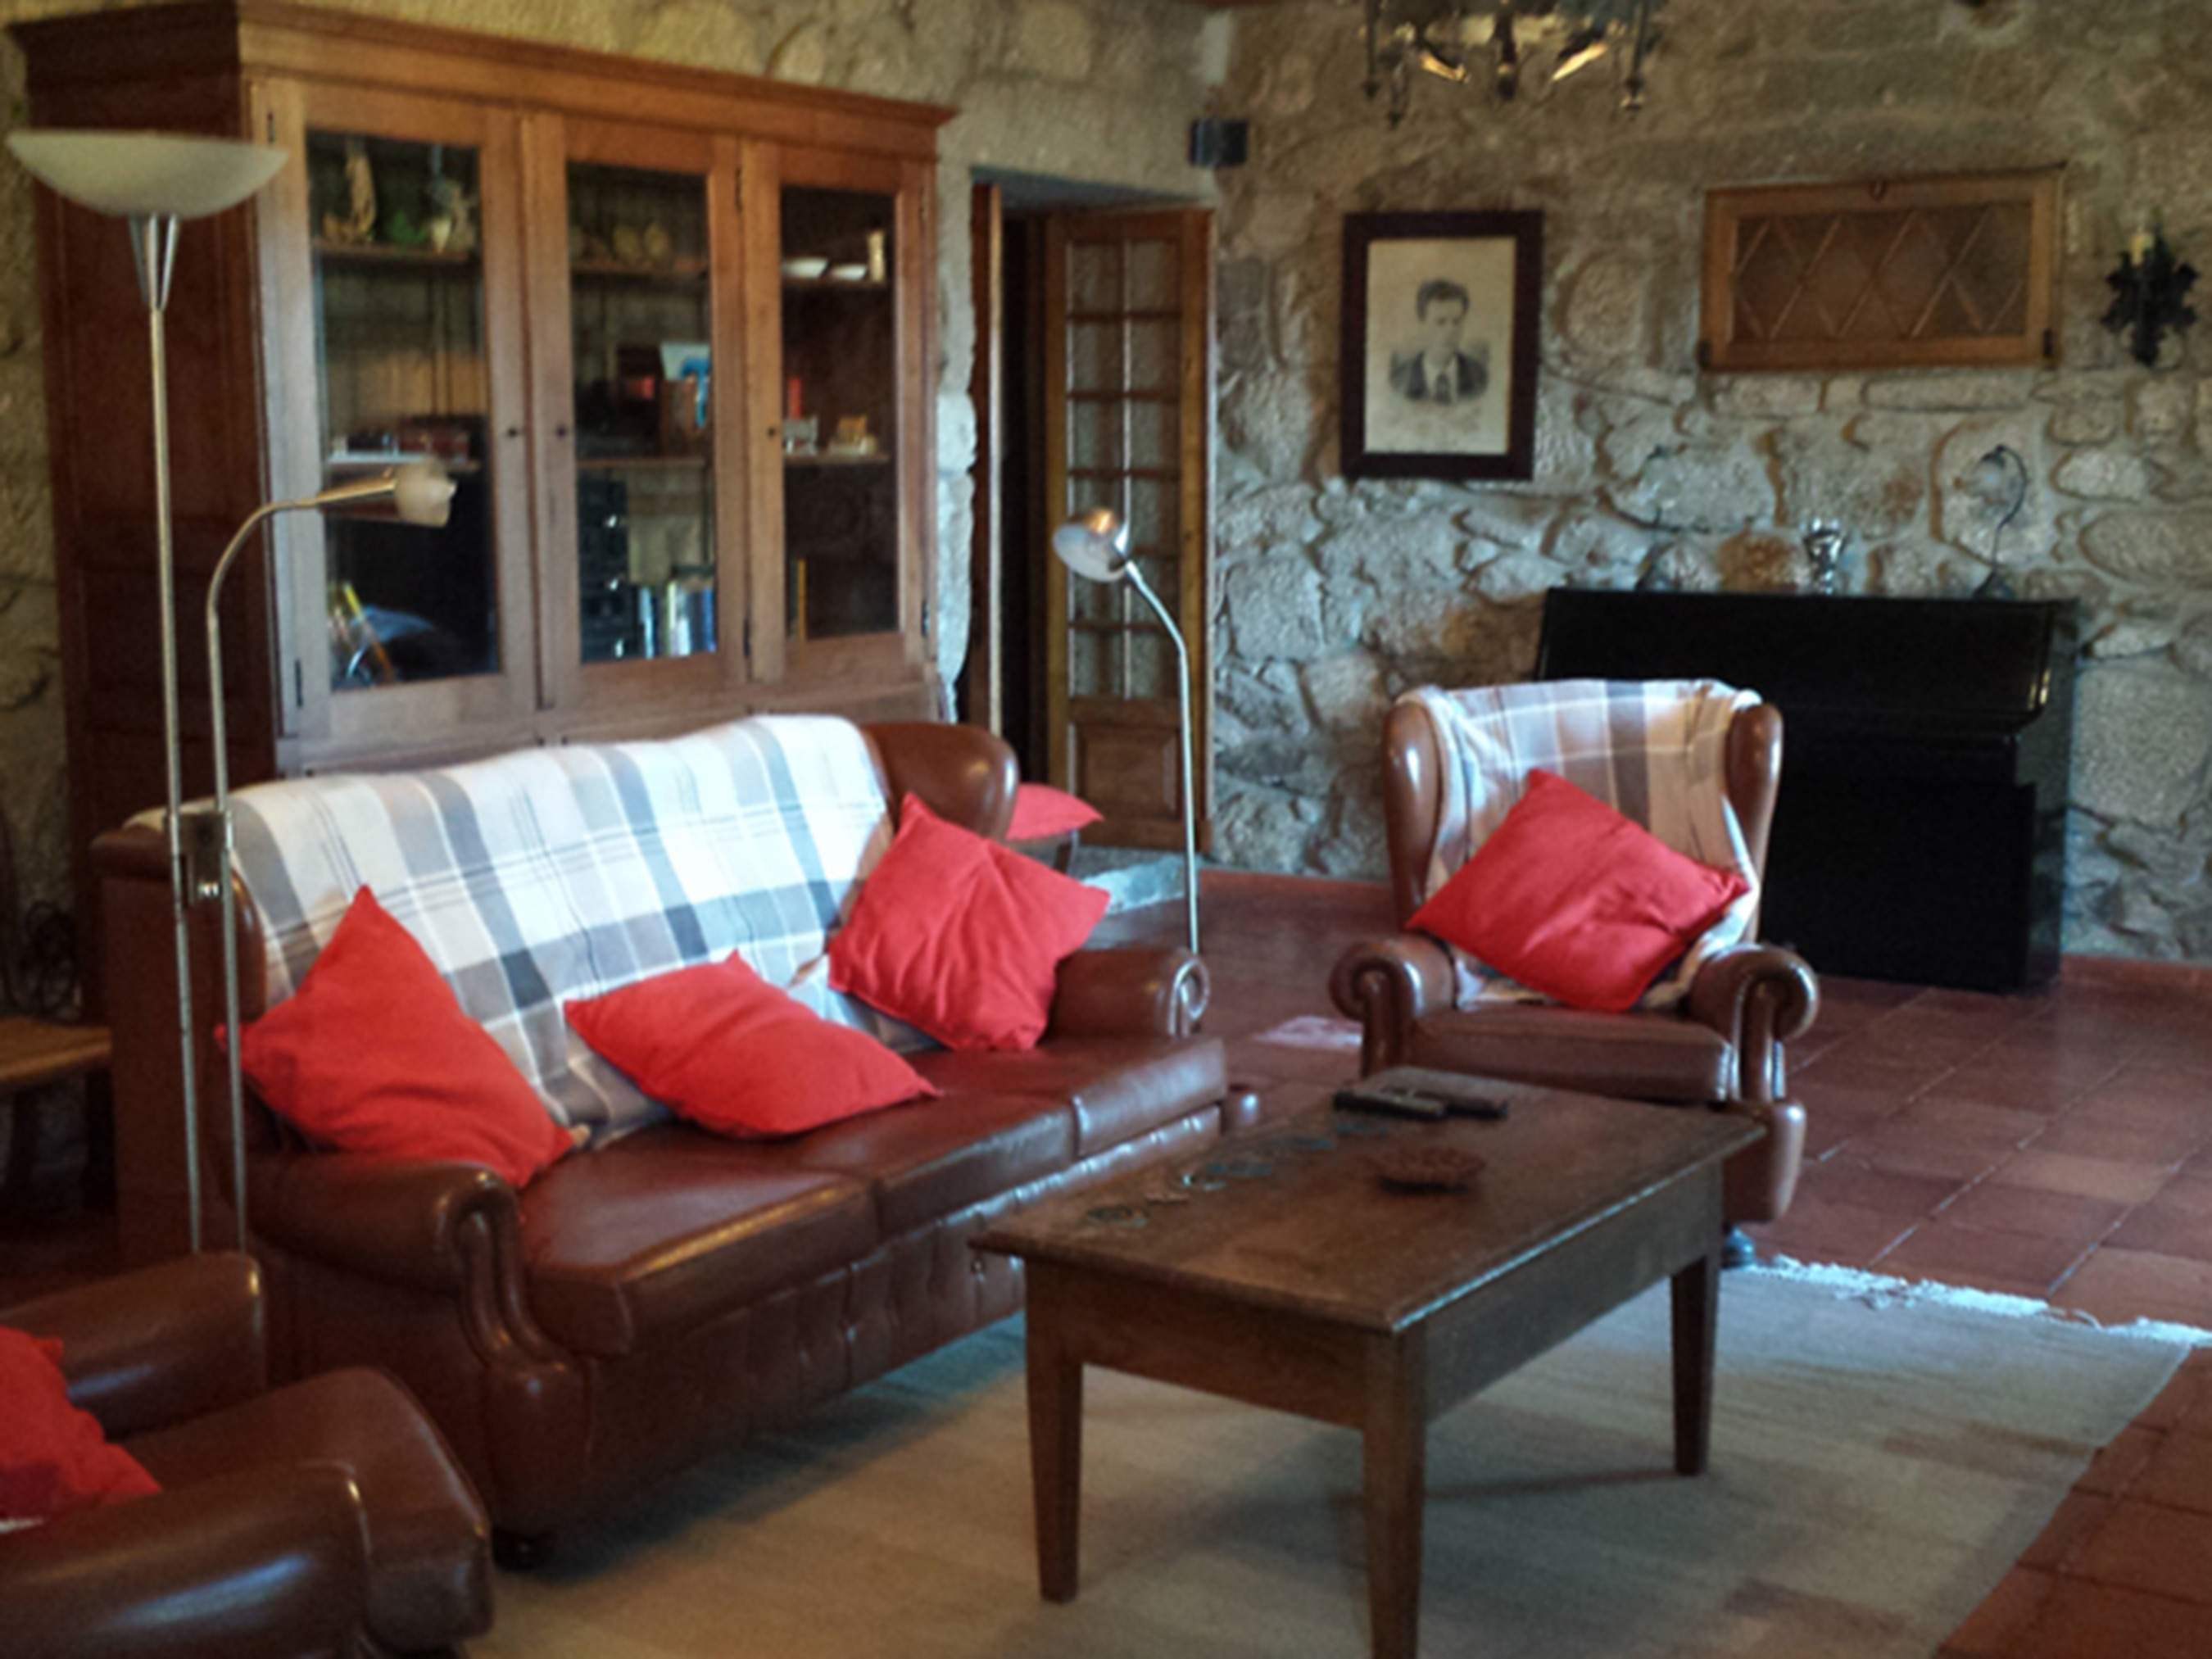 Clique aqui para mais fotos da sala de estar/jantar.